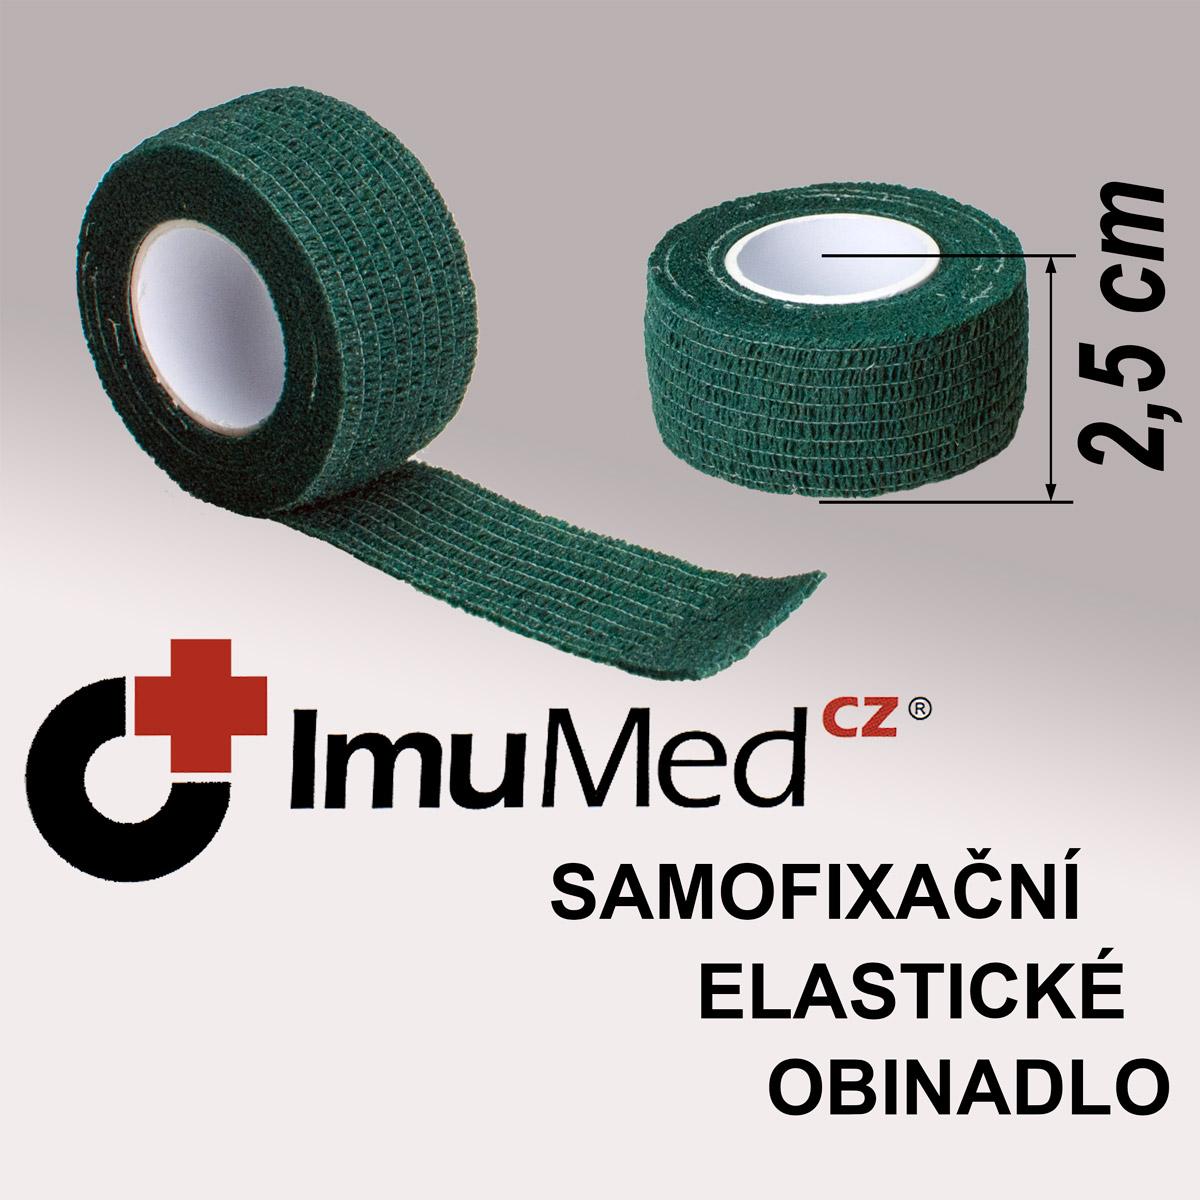 ImuMedCZ samofixační elastické obinadlo 2,5 cm x 4,5 m ZELENÁ barva ImuMedCZ samodržící elastické obinadlo 2,5 cm x 4,5 m ZELENÁ barva